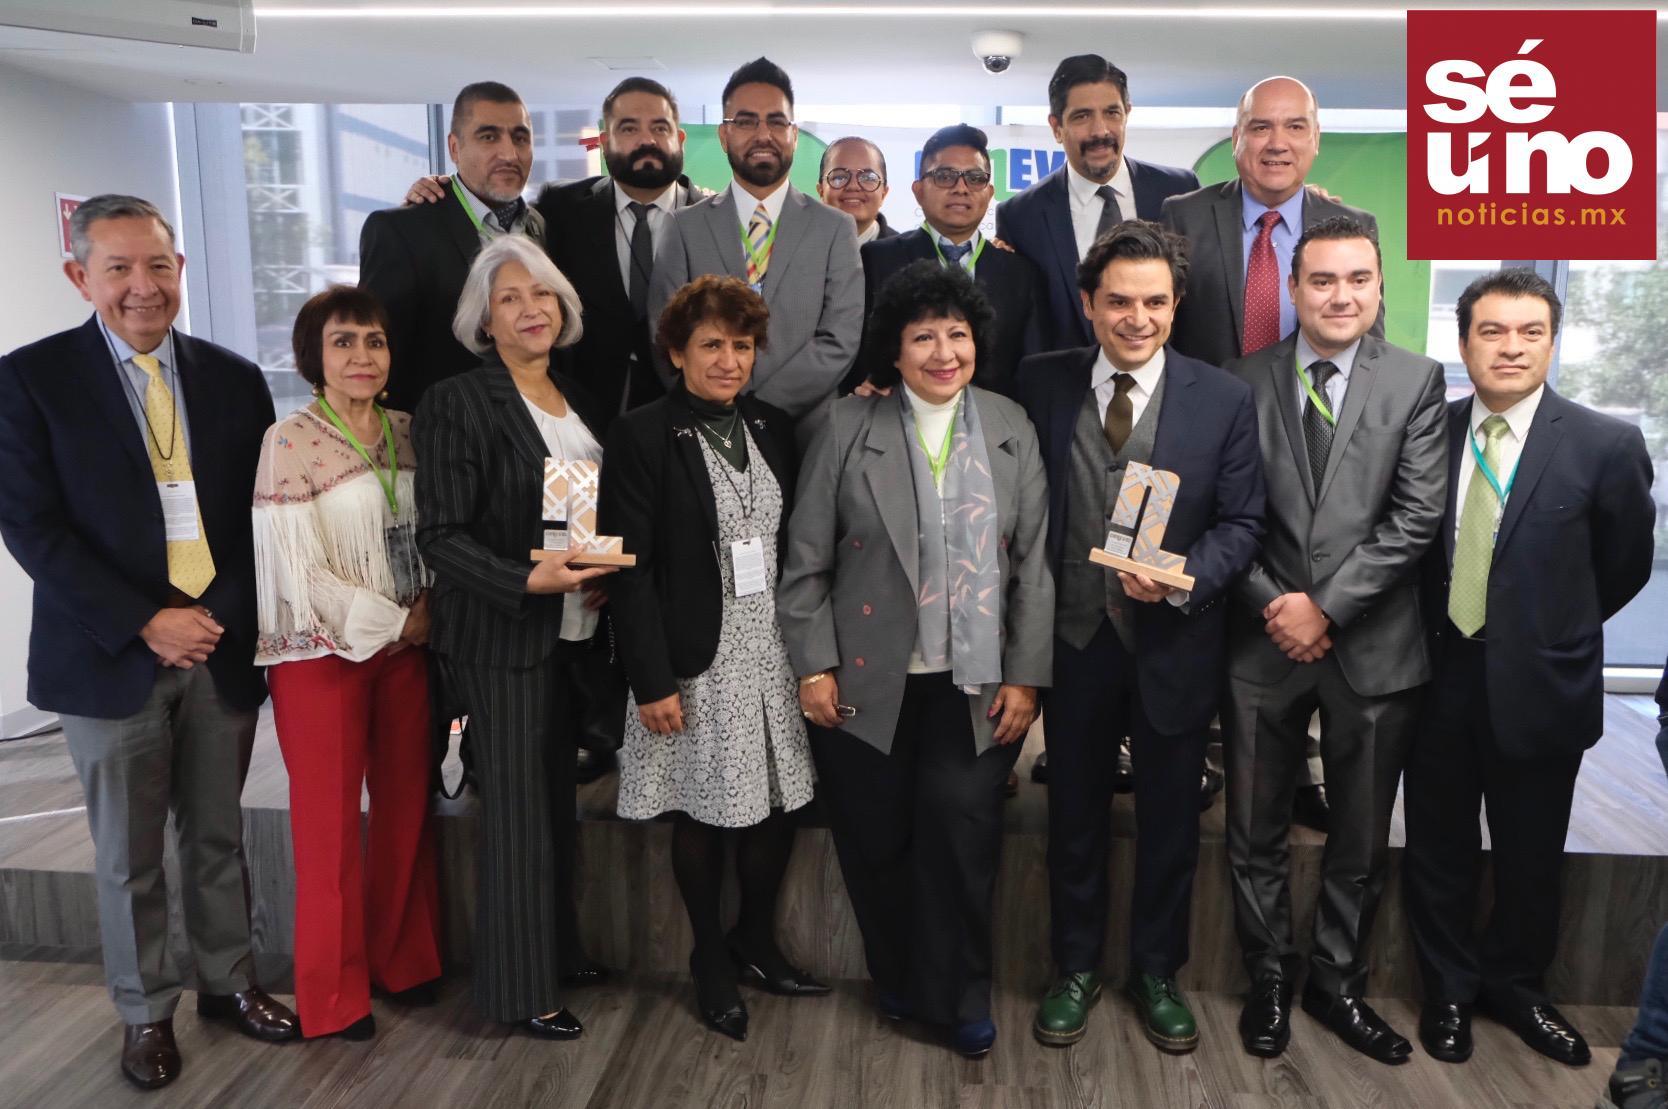 Recibe IMSS dos reconocimientos por buenas prácticas en políticas públicas